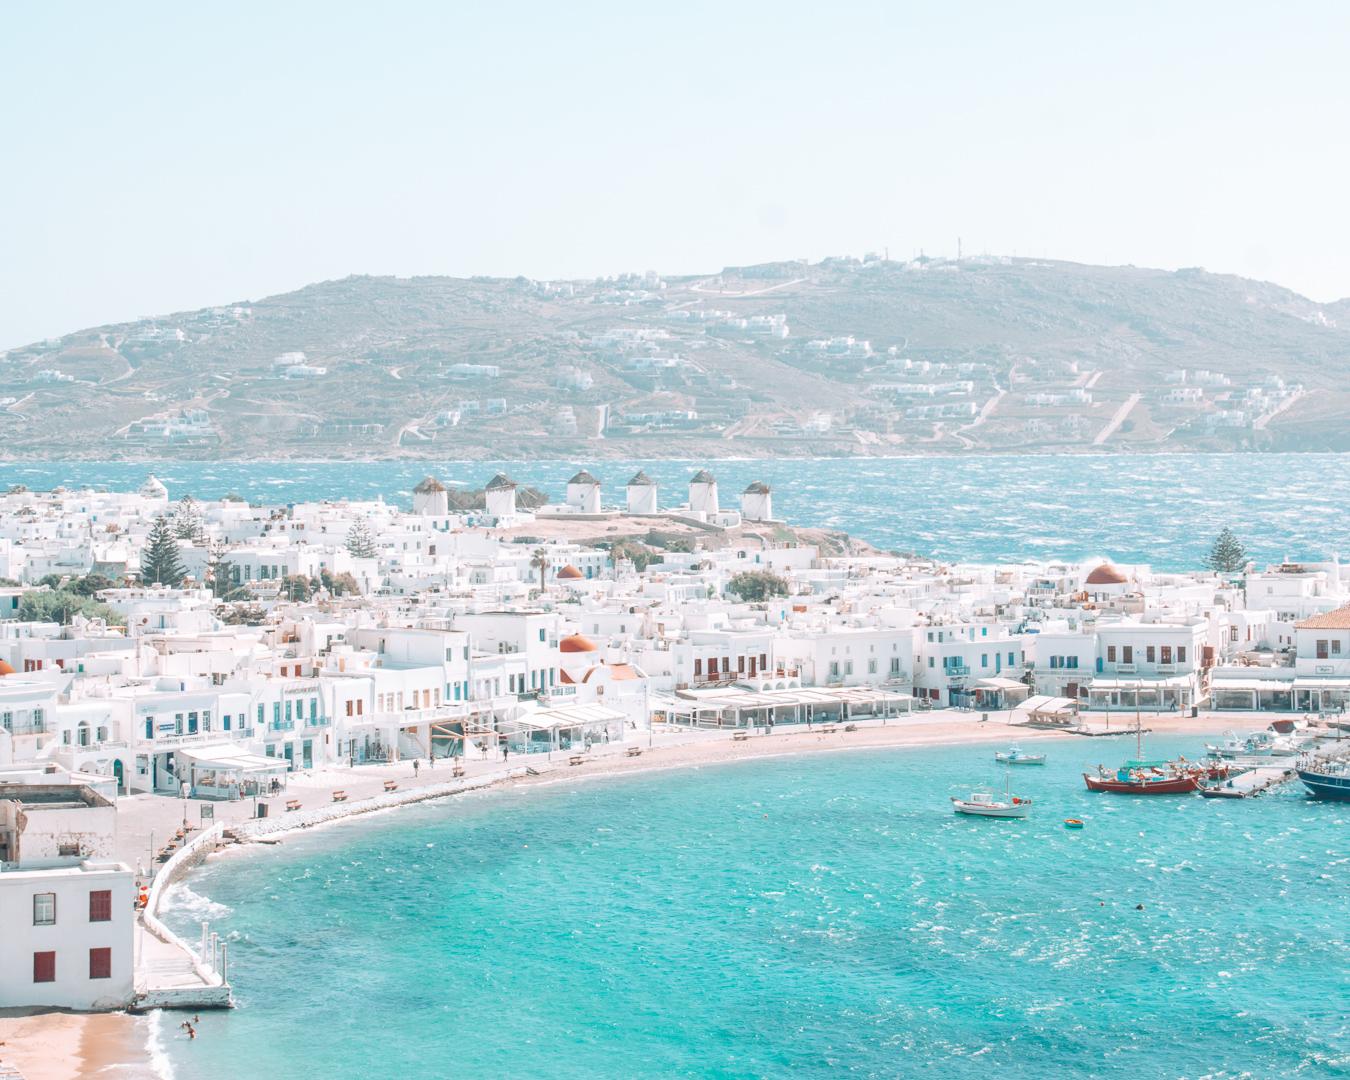 View of Mykonos in Greece